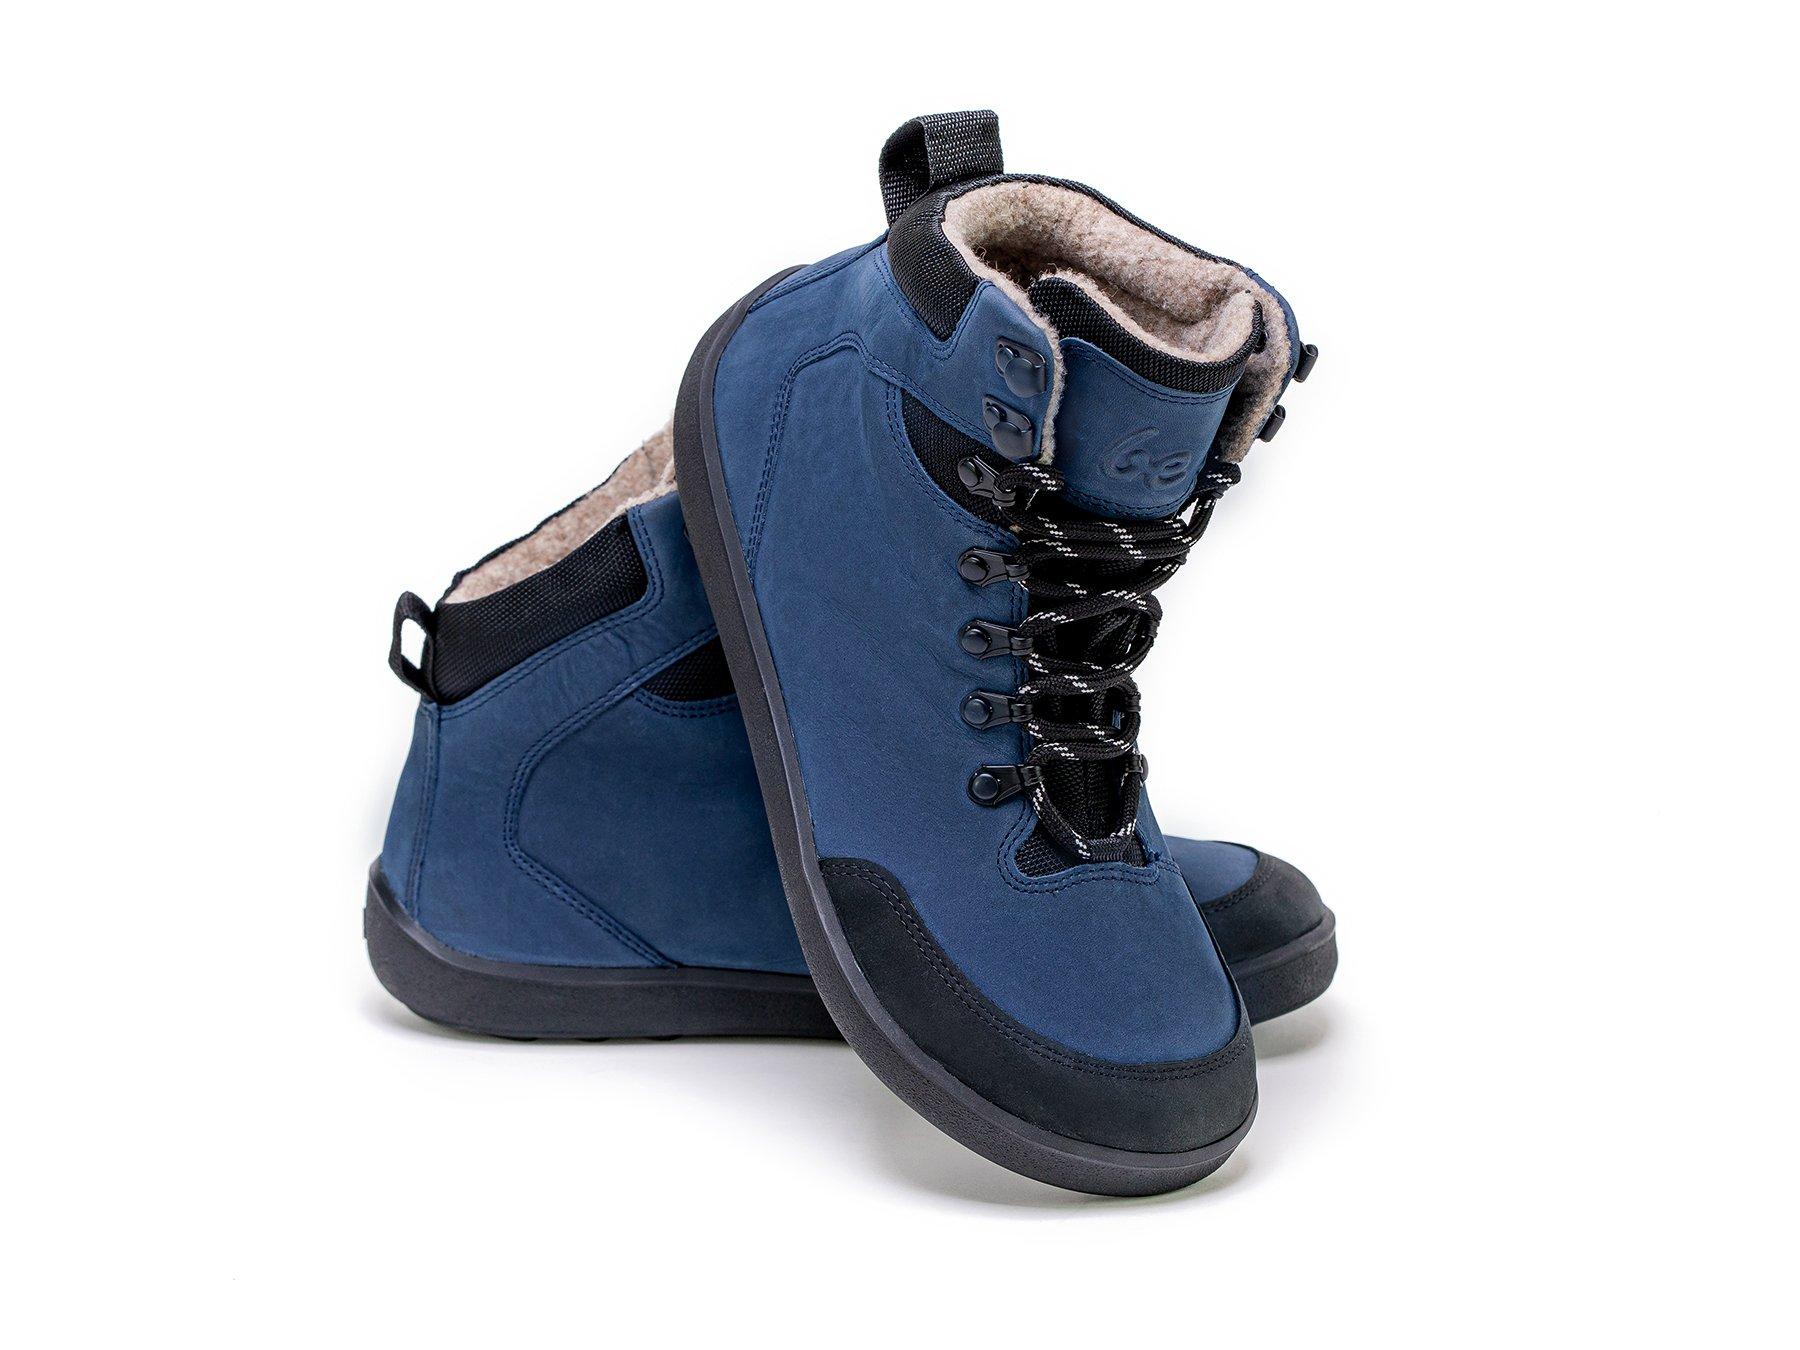 BeLenka Ranger Dark Blue